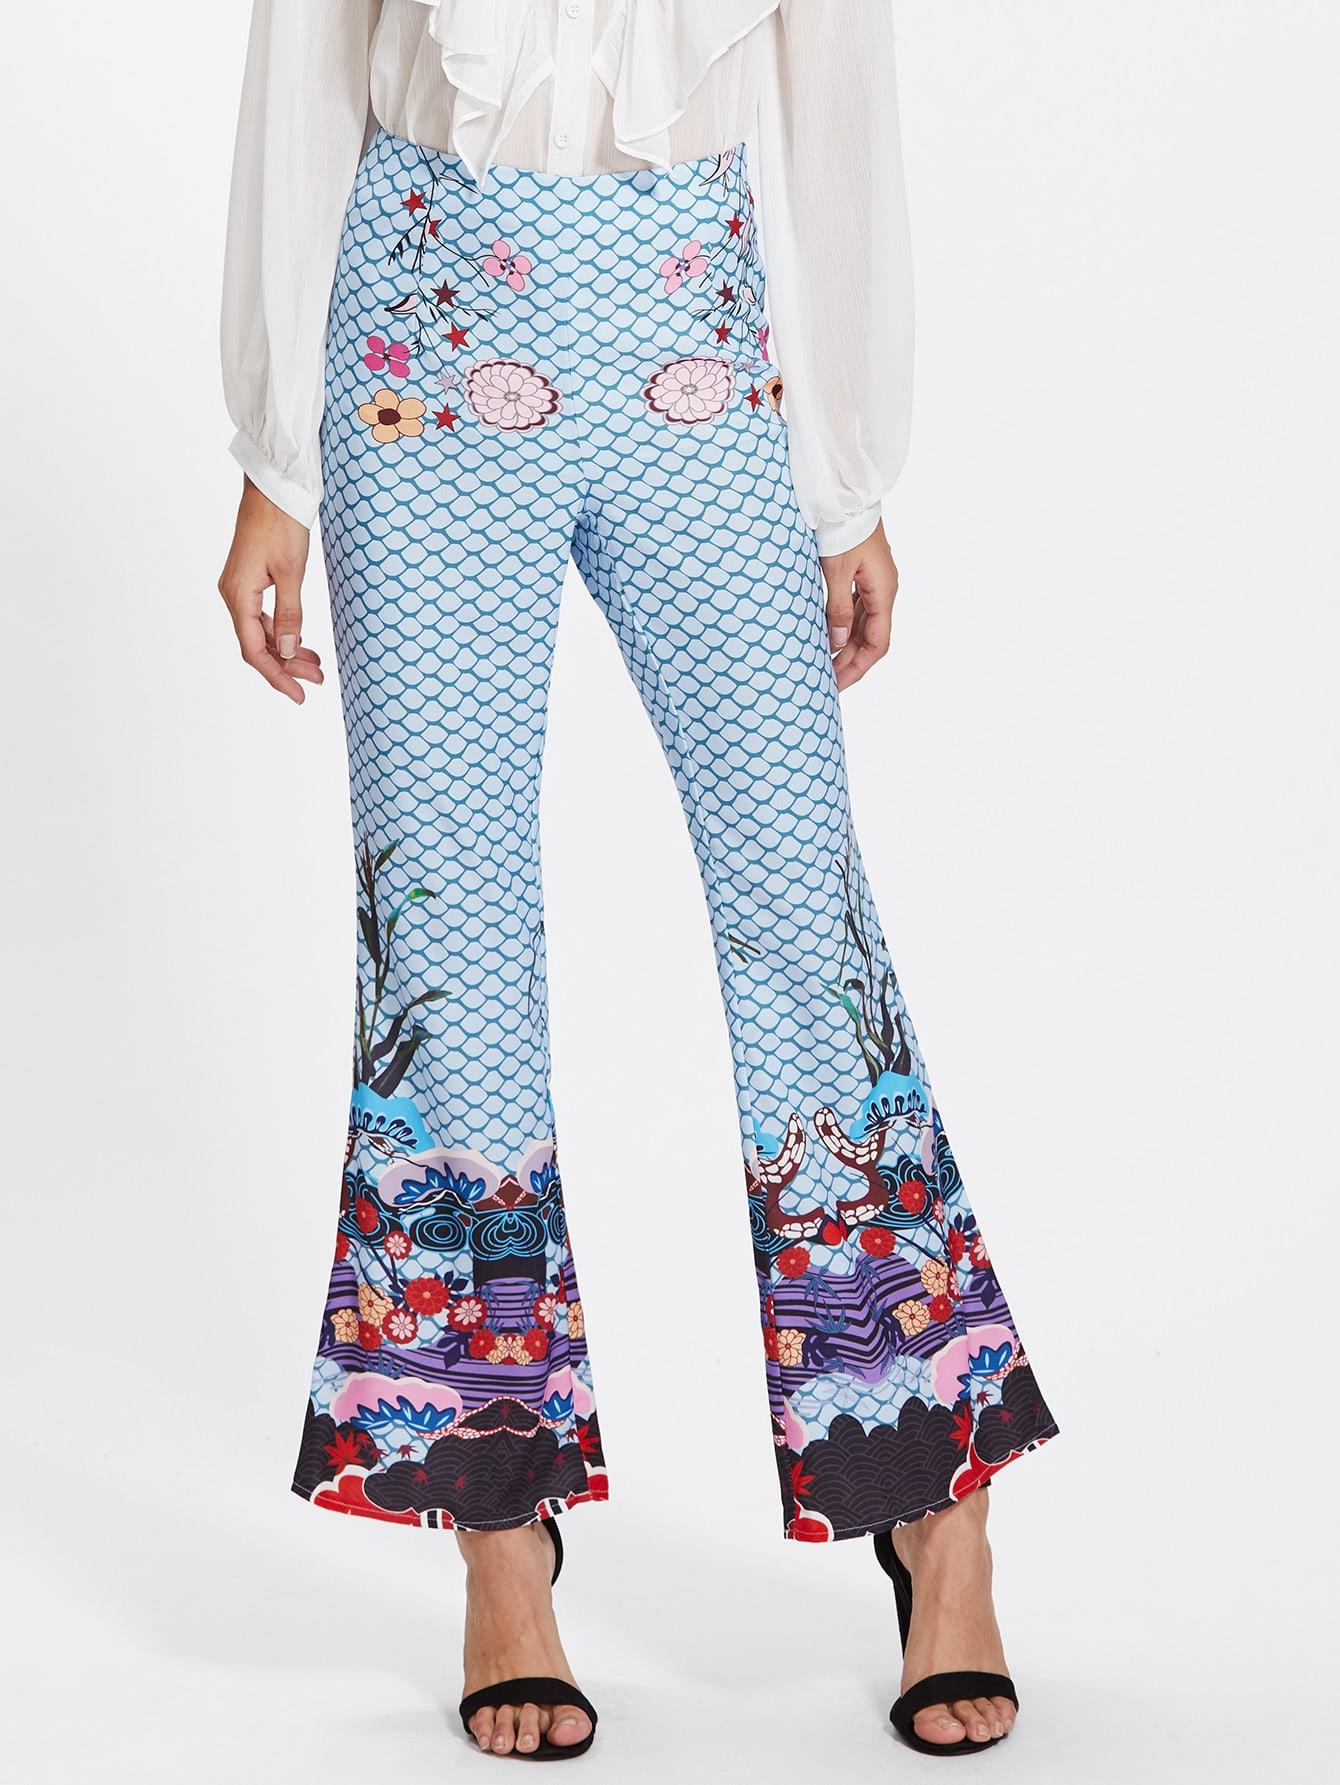 Mixed Print Flared Pants